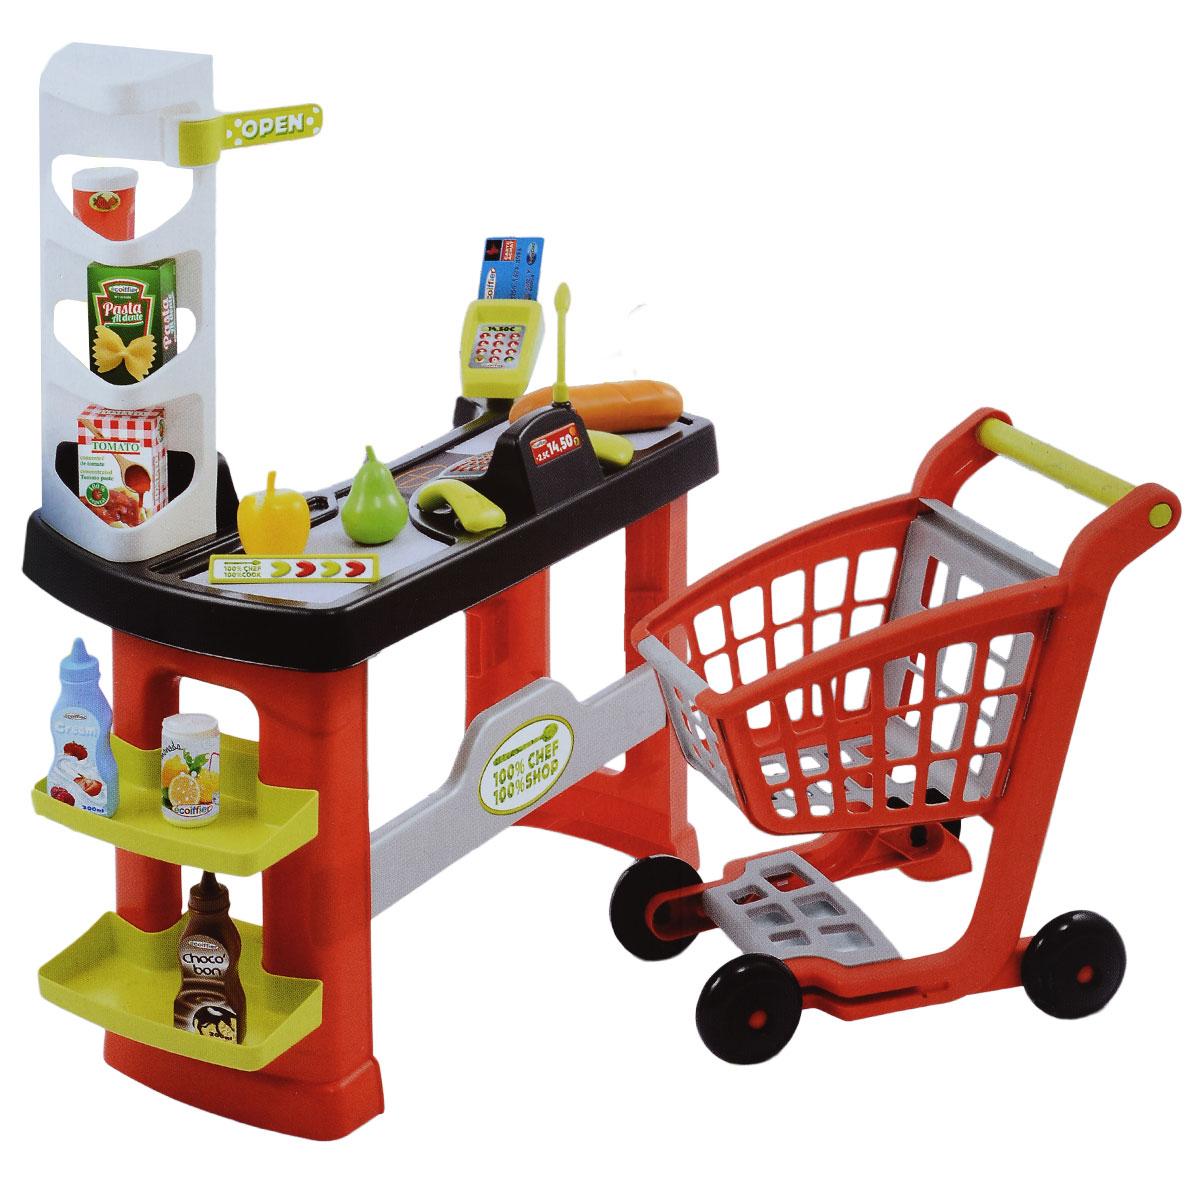 Игровой набор Ecoiffier Супермаркет с тележкой, 20 предметов1740Игровой набор Ecoiffier Супермаркет с тележкой - это отличный подарок для юных любителей игры в магазин. Этот набор обязательно придется по душе всем малышам! Размеры кассовой стойки позволяют играть с ней сразу нескольким детям: один малыш выступает в роли покупателя, доставая свои покупки из тележки на ленту, а второй - в роли продавца, пробивая покупки. В набор из 20 предметов входит все необходимое для этого: кассовая стойка с полками для товара, терминал и кассовый аппарат с выдвигающимся ящичком для денег, тележка для продуктов на колесиках, электронные весы, игрушечные продукты, сканер штрих-кода, ценники и игрушечные деньги, чтобы расплачиваться за покупки. Все детали выполнены из экологичного и безопасного пластика. Такой набор будет способствовать развитию фантазии и воображения детей, и, конечно, позволит ближе познакомиться с реальным миром. Порадуйте своего ребенка таким замечательным подарком!